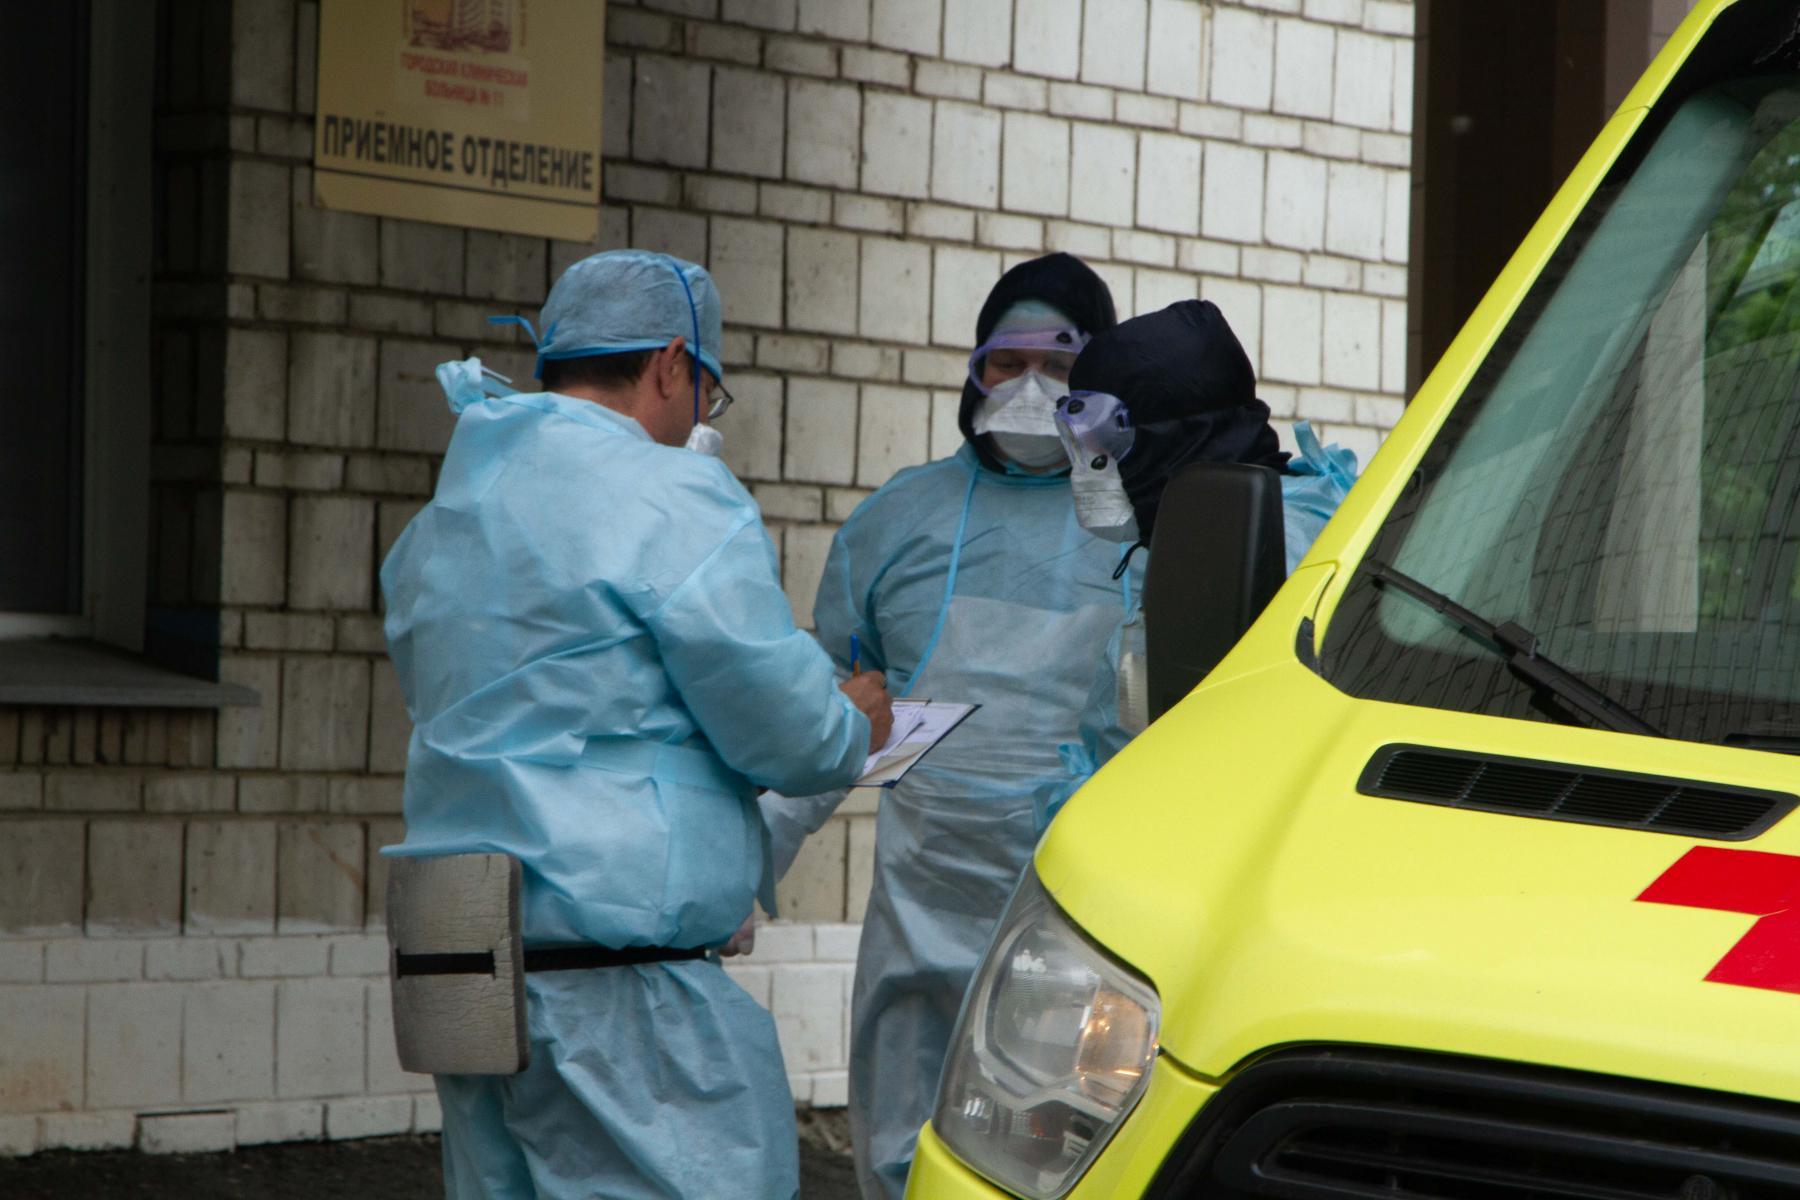 фото «Тяжёлых без очереди»: фоторепортаж из приёмного отделения коронавирусного госпиталя в Новосибирске 17